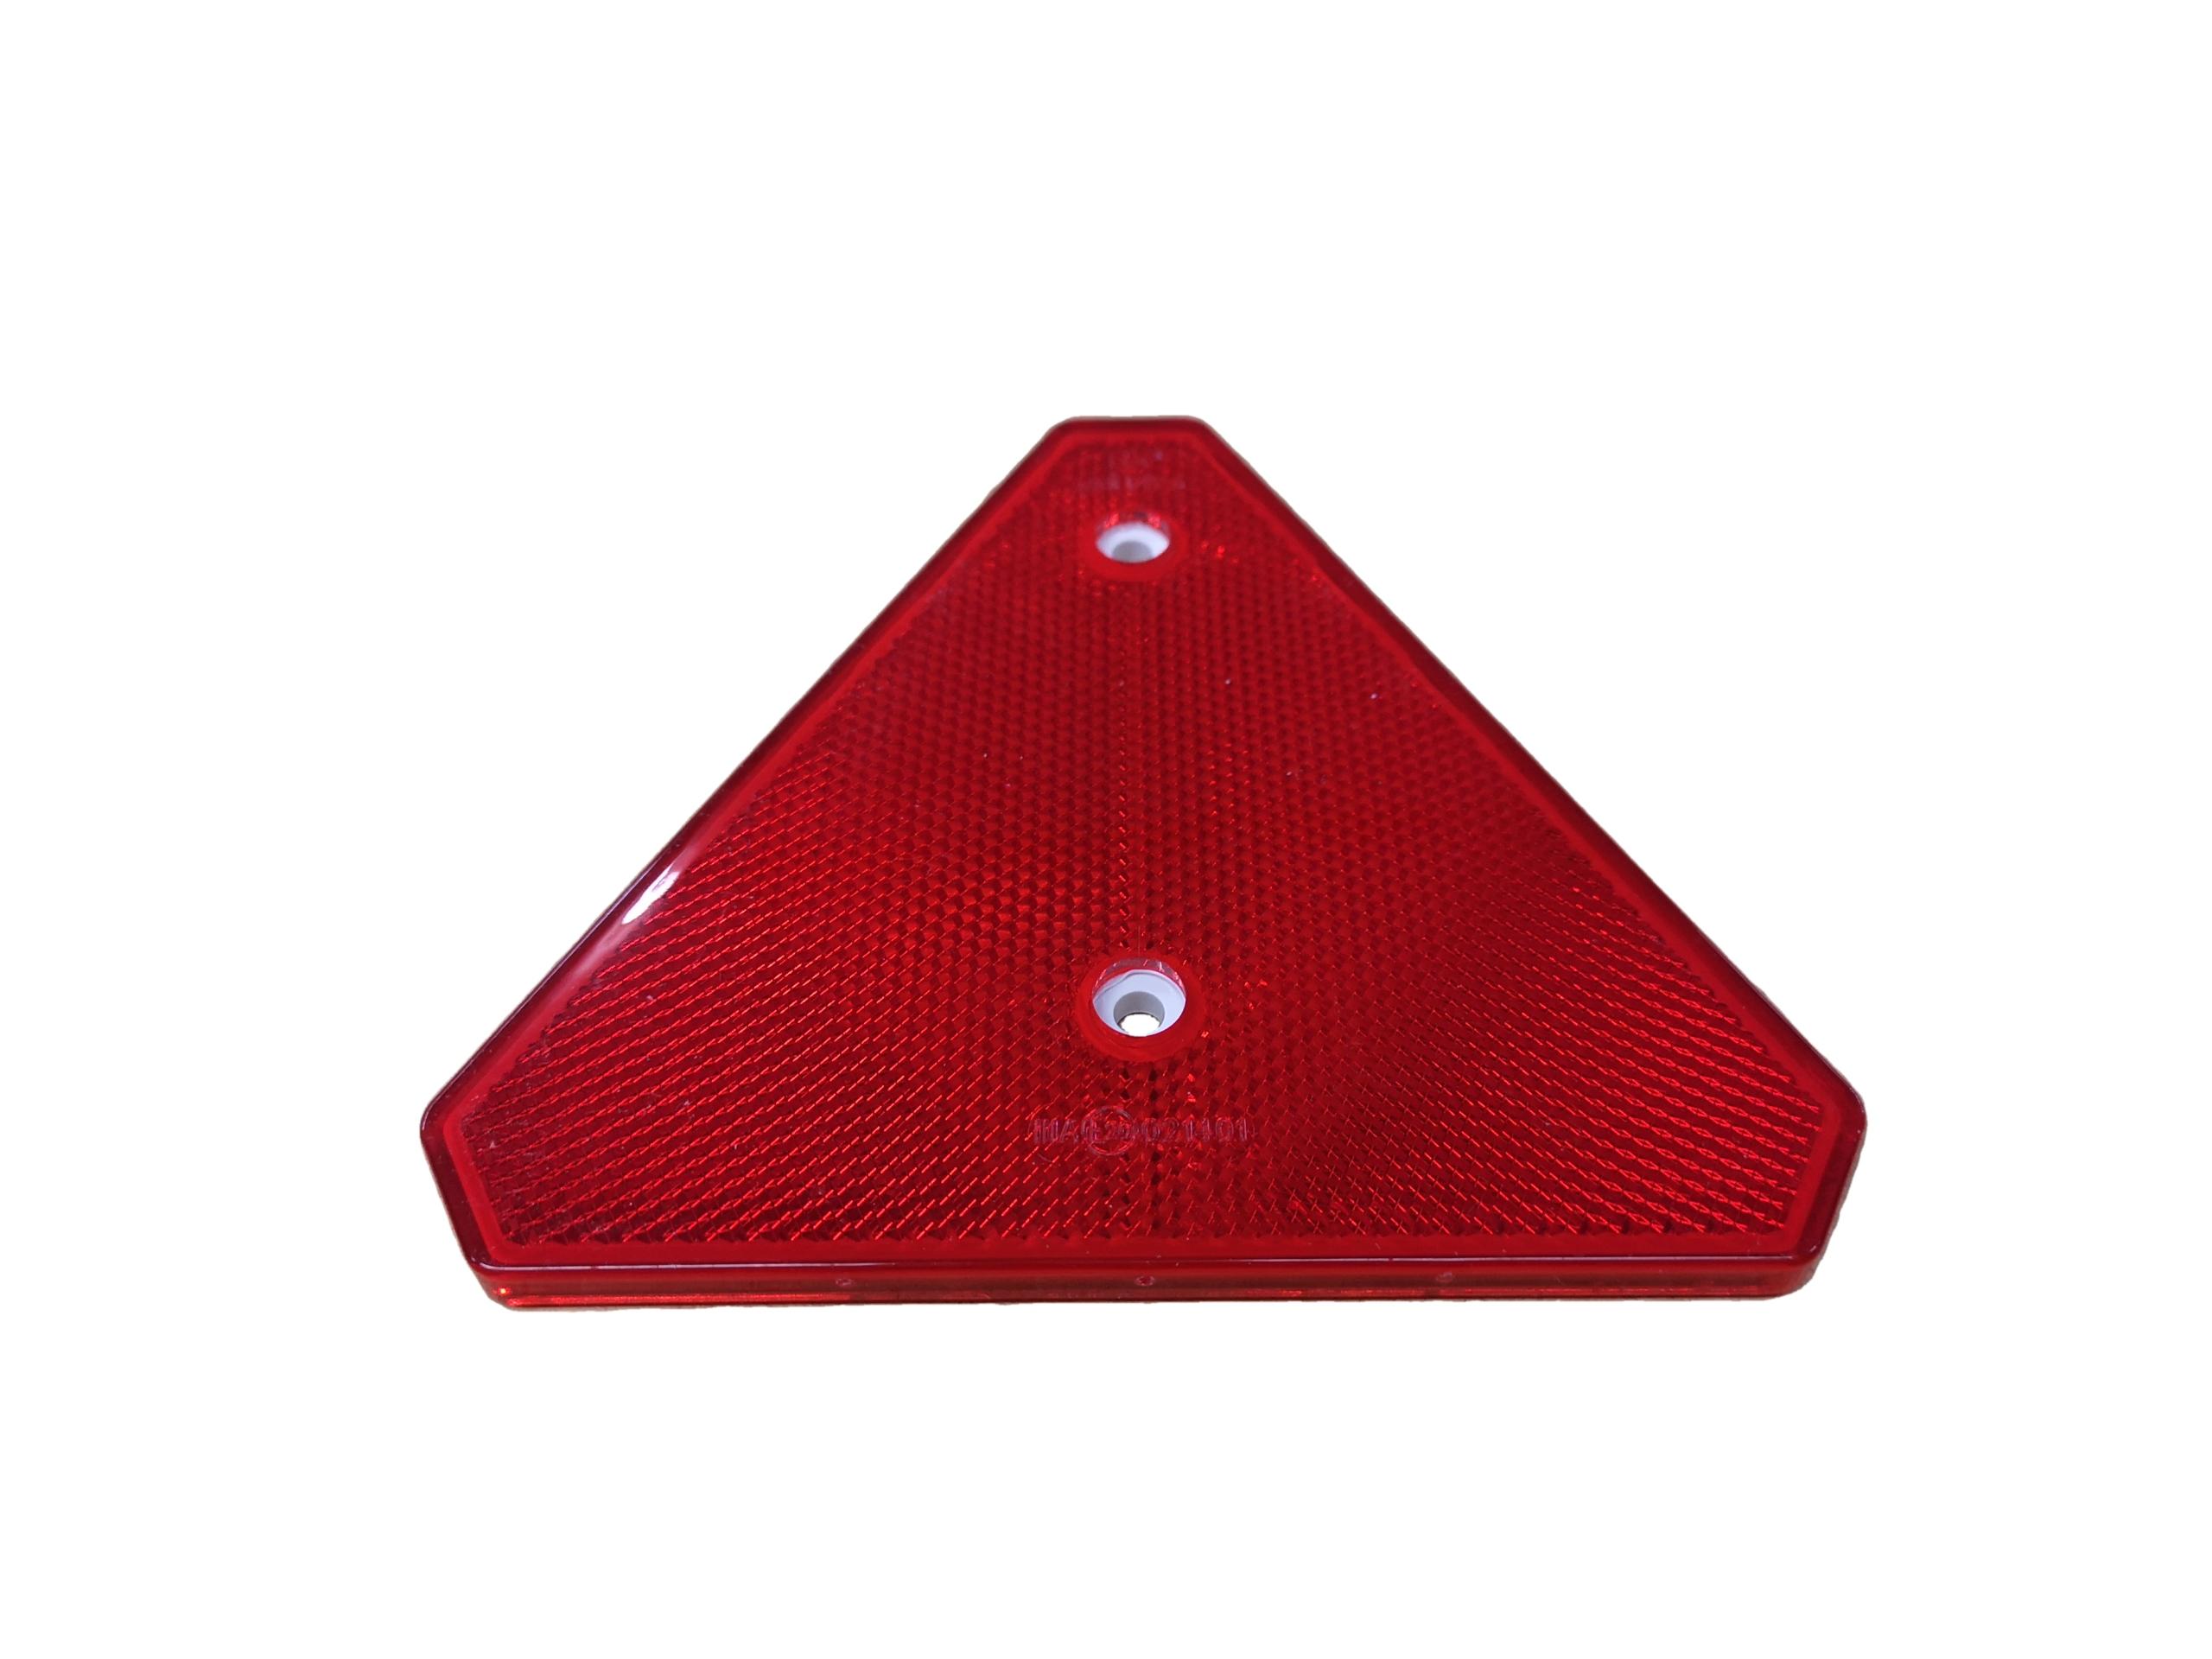 треугольник светоотражающий предупреждающий прицеп полуприцеп